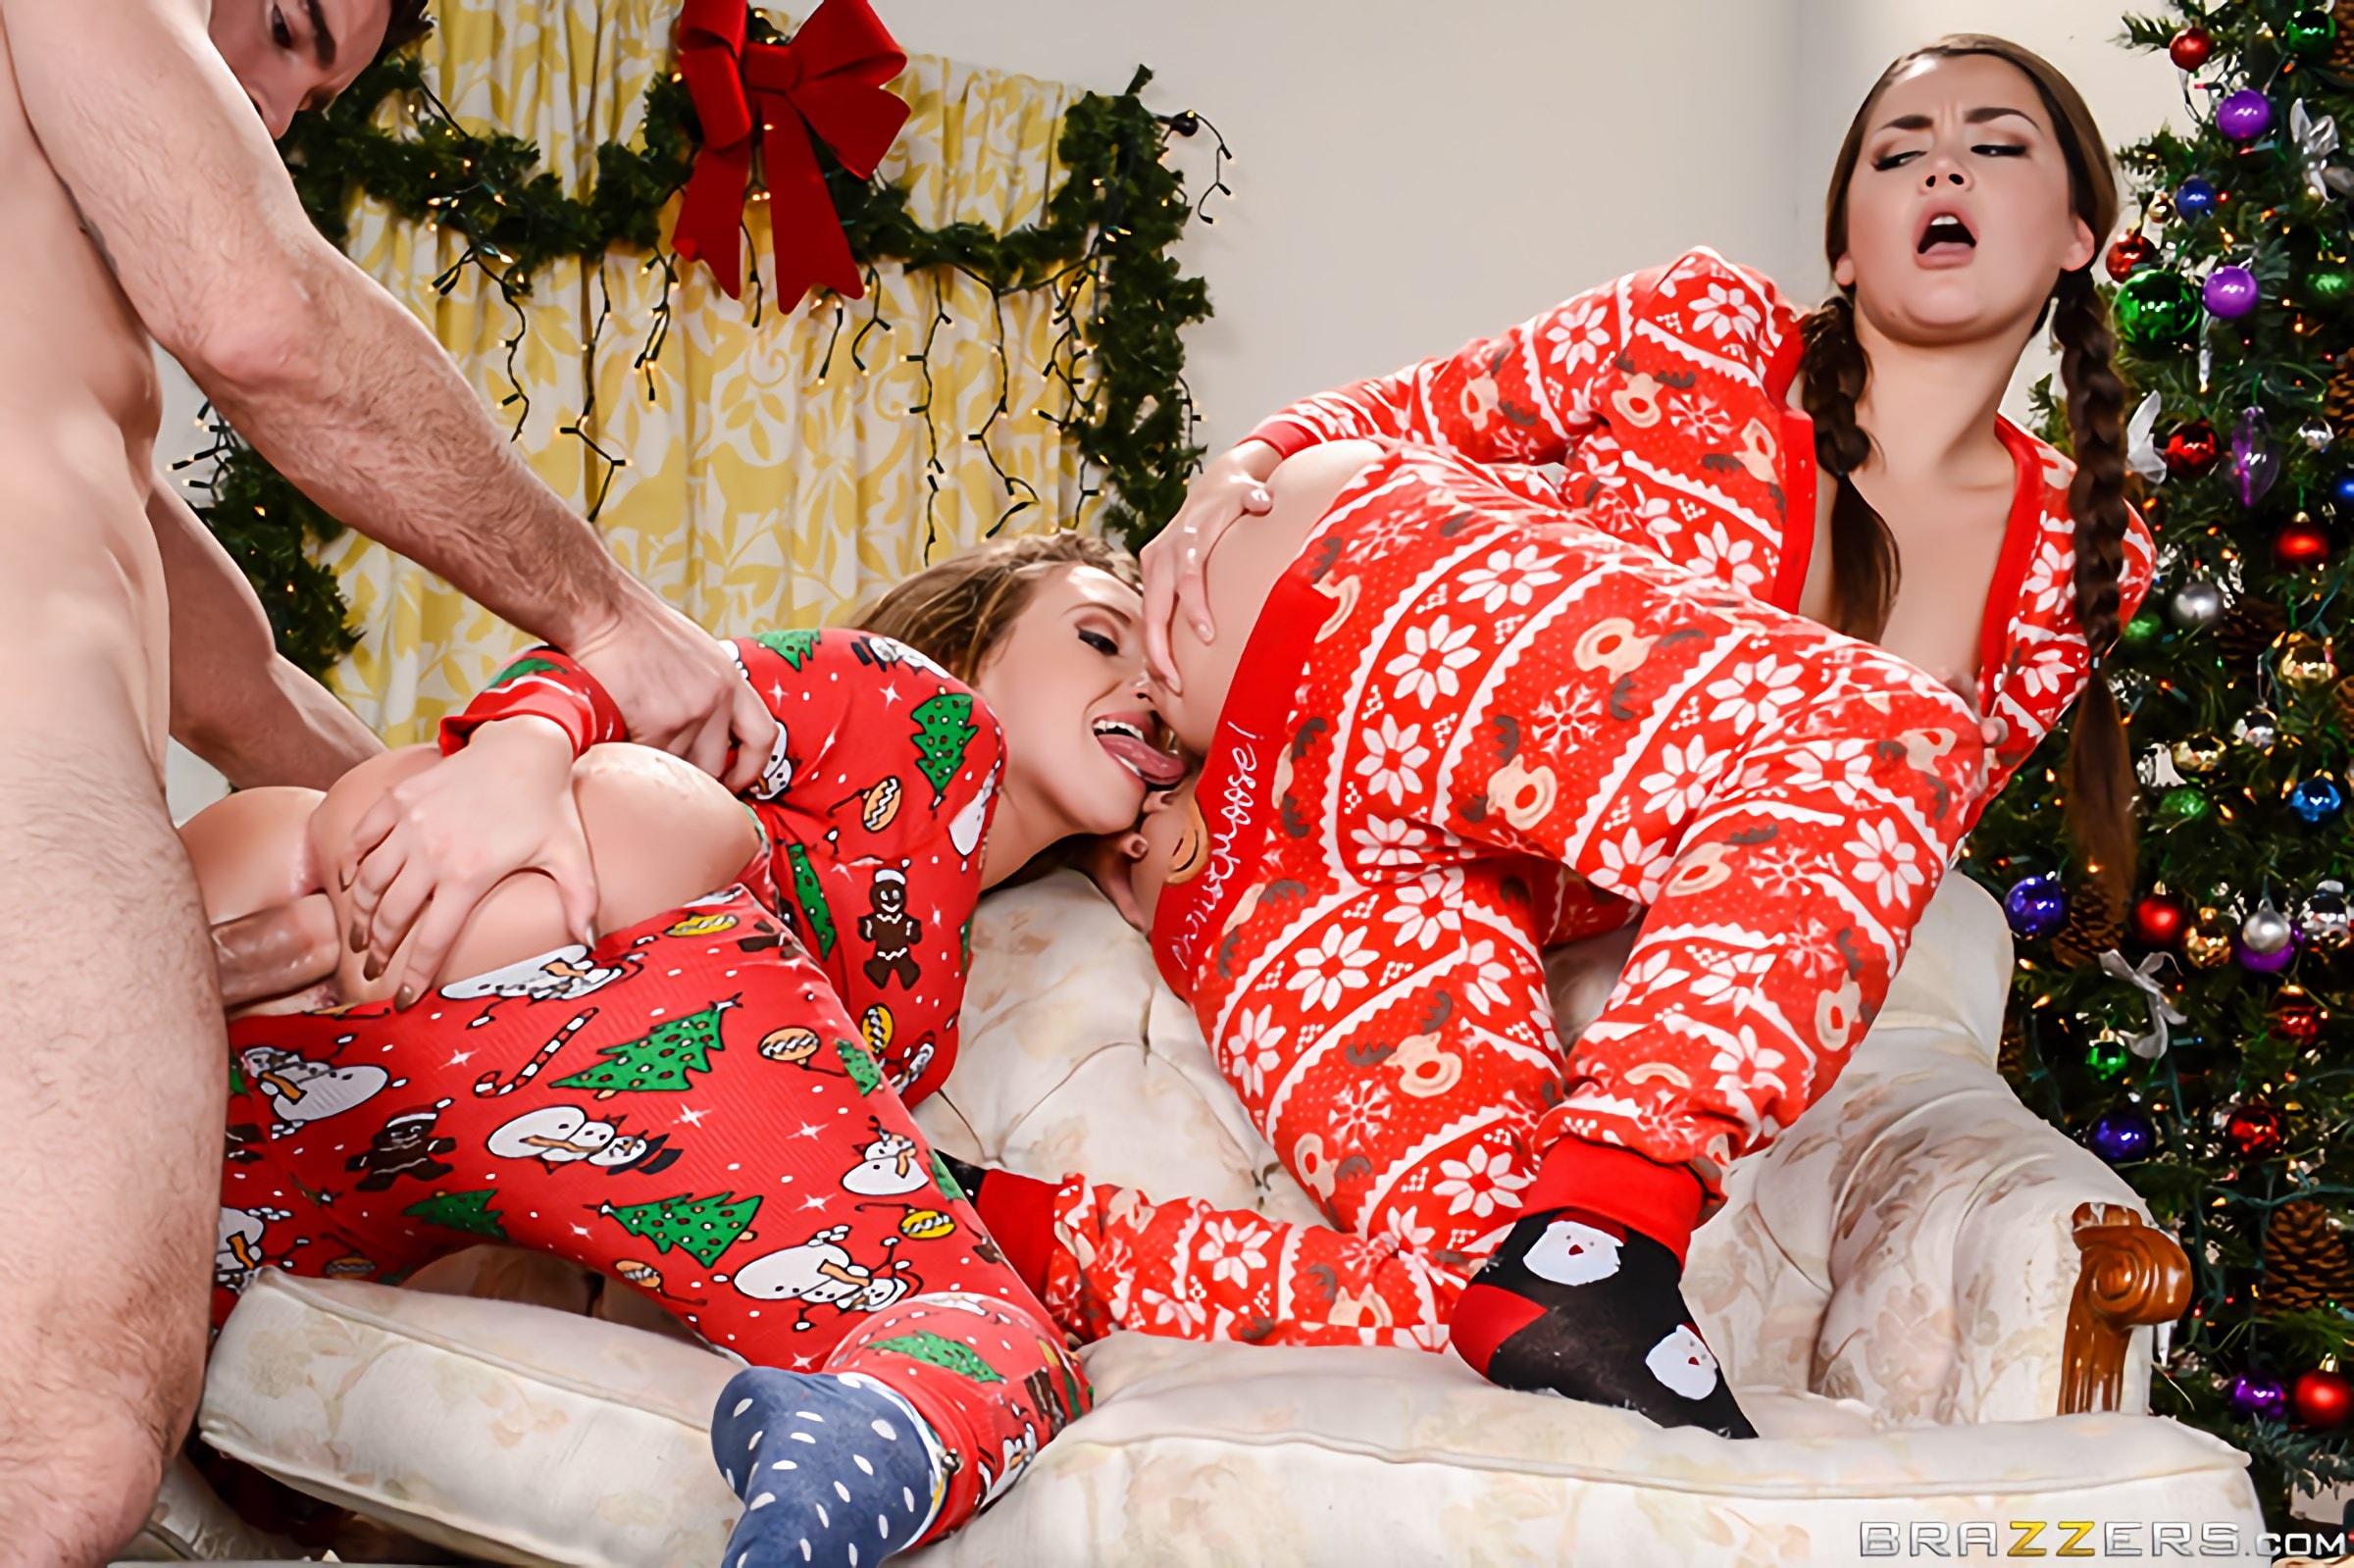 Brazzers 'Anal Xmas' starring Allie Haze (Photo 4)